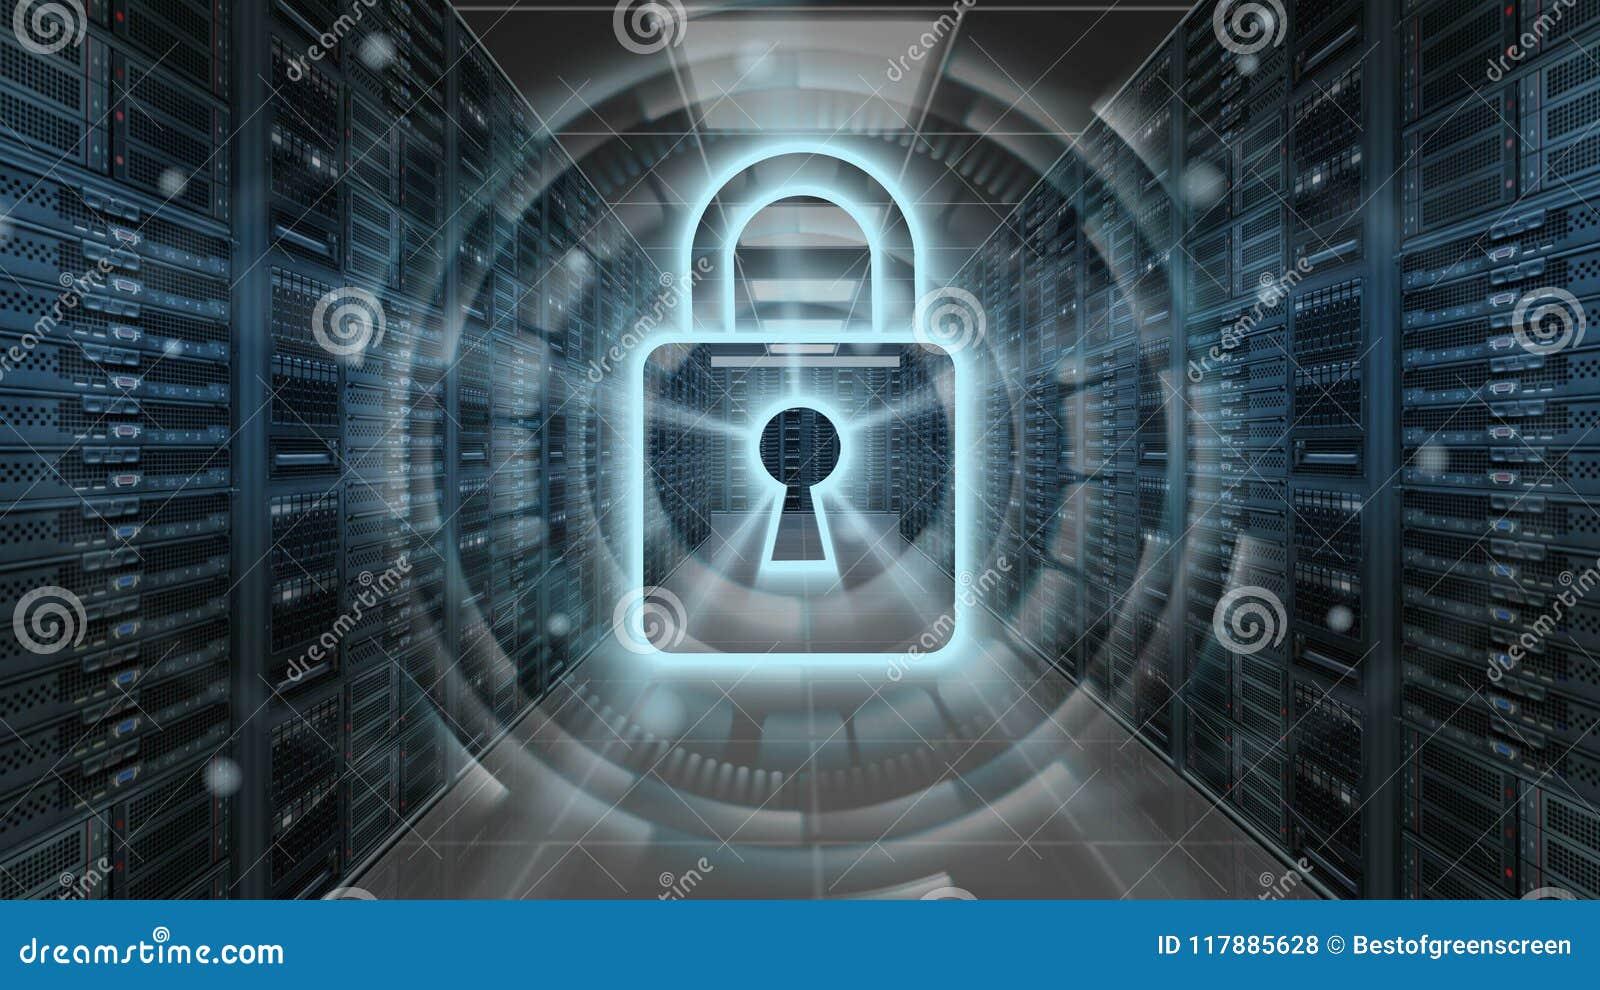 Digital säkerhetshologram med hänglåset på serverrum - Cybersäkerhet eller nätverksskydd - tolkning 3D